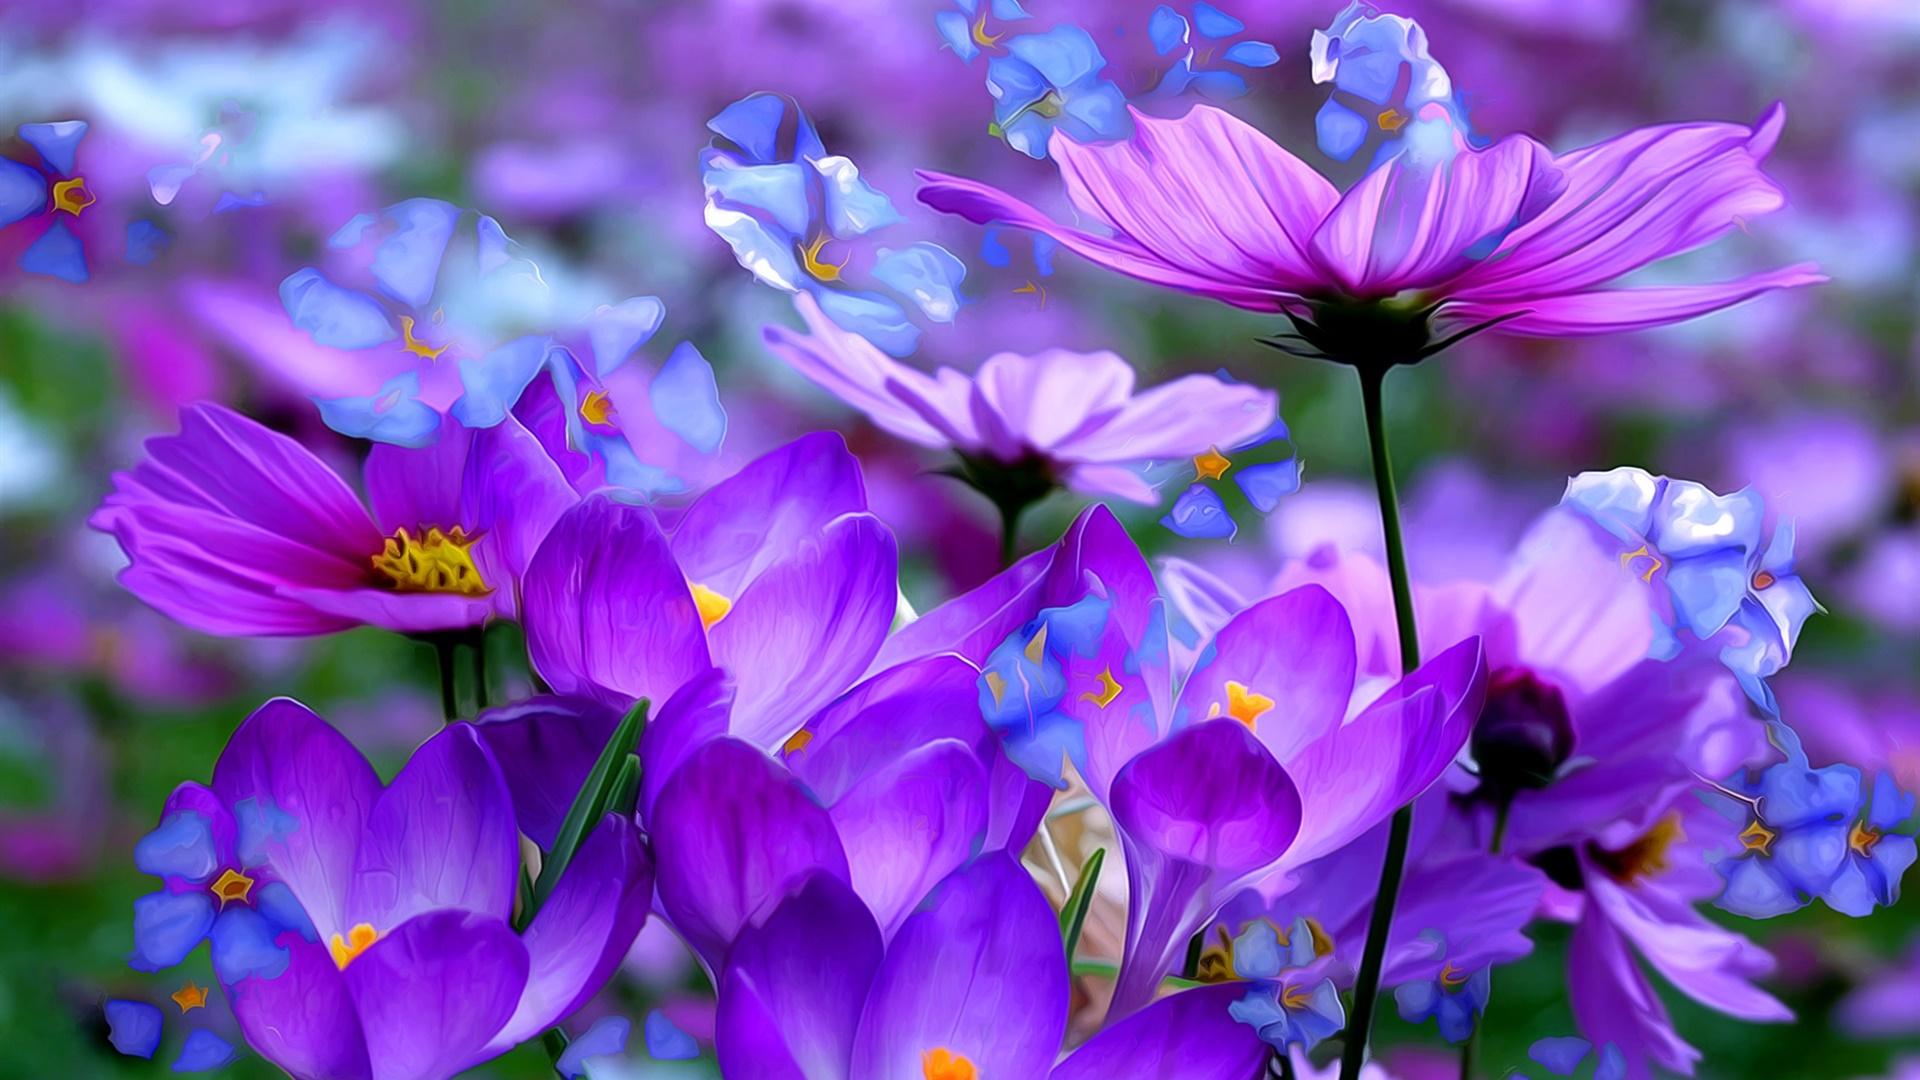 紫のクロッカスの花、花びら、マクロ、芸術インク デスクトップの壁紙 | 1920x1080 壁紙をダウンロード ... Hd Wallpaper 1920x1080